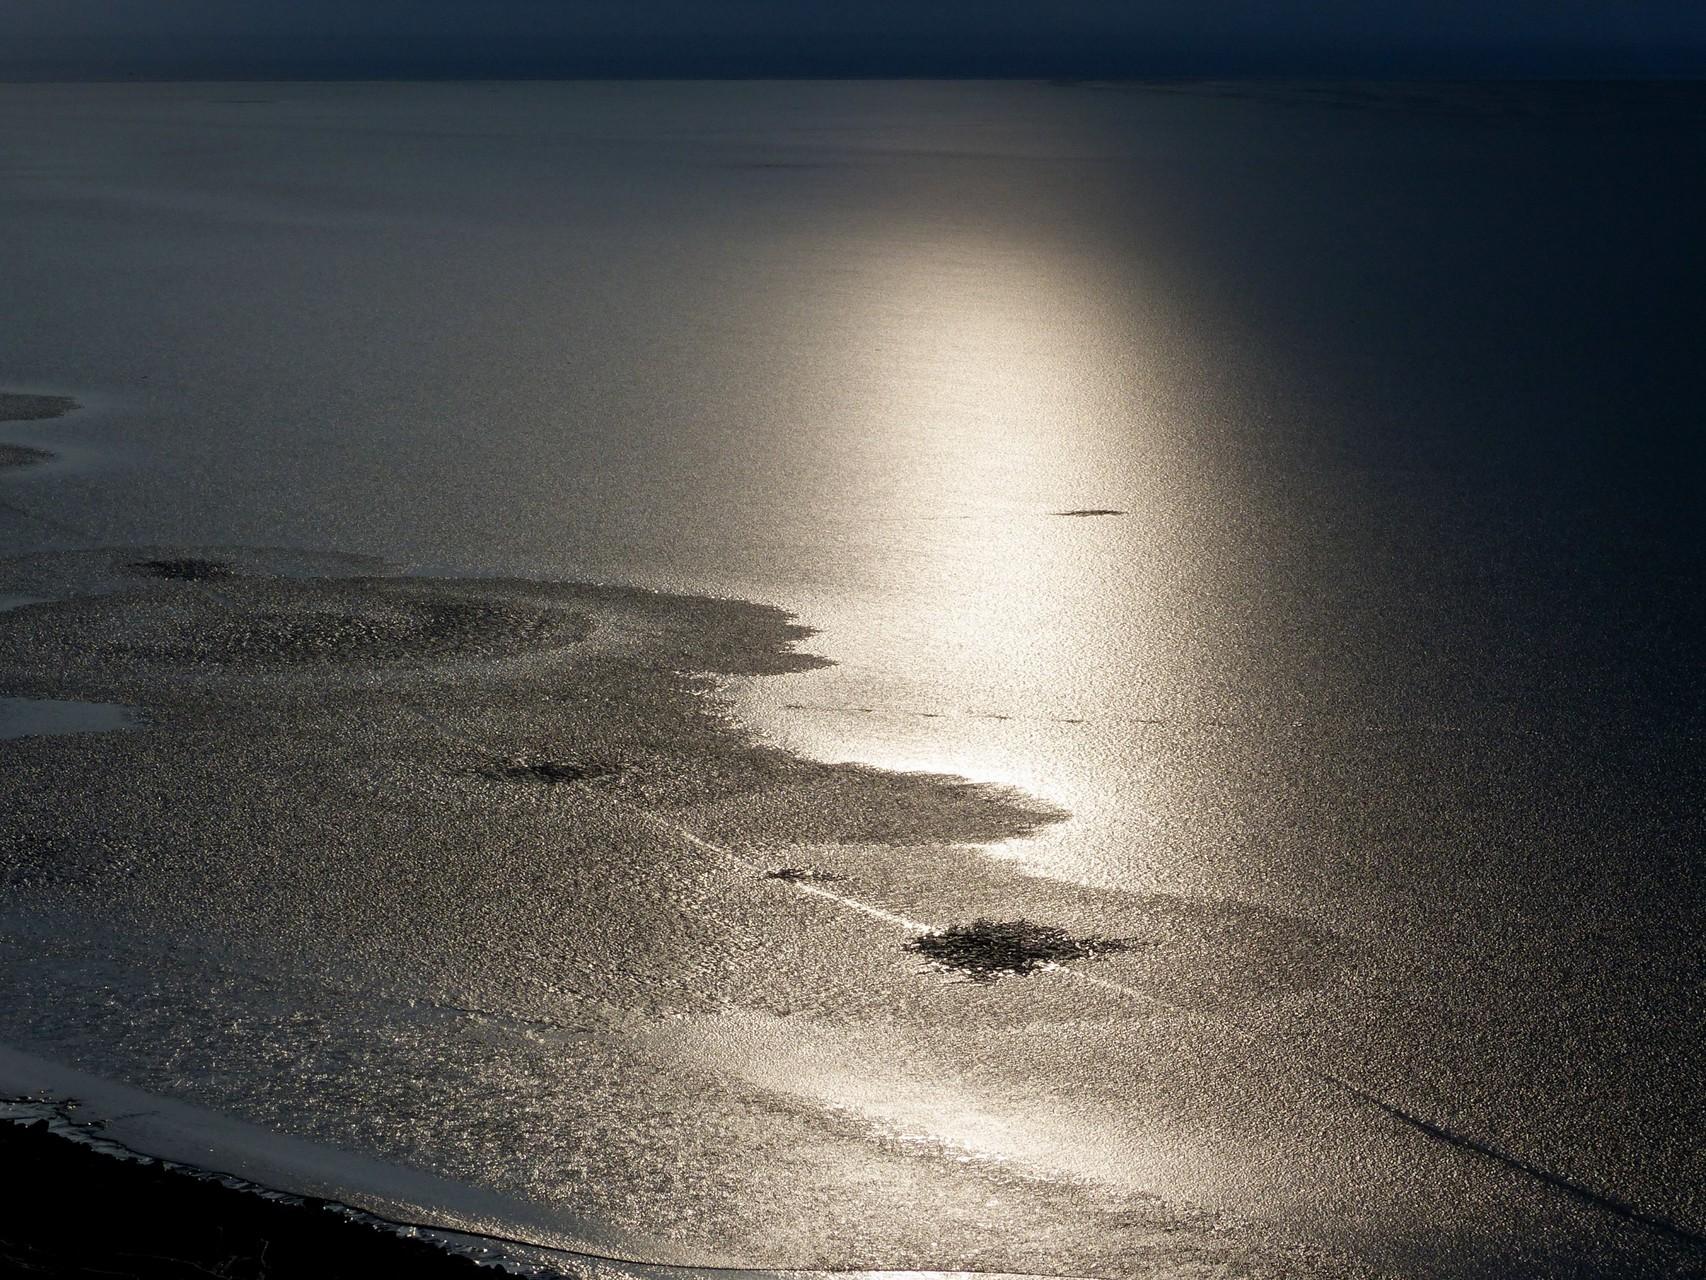 Die aufgehende Sonne spiegelt sich im dünnen Eis des See's